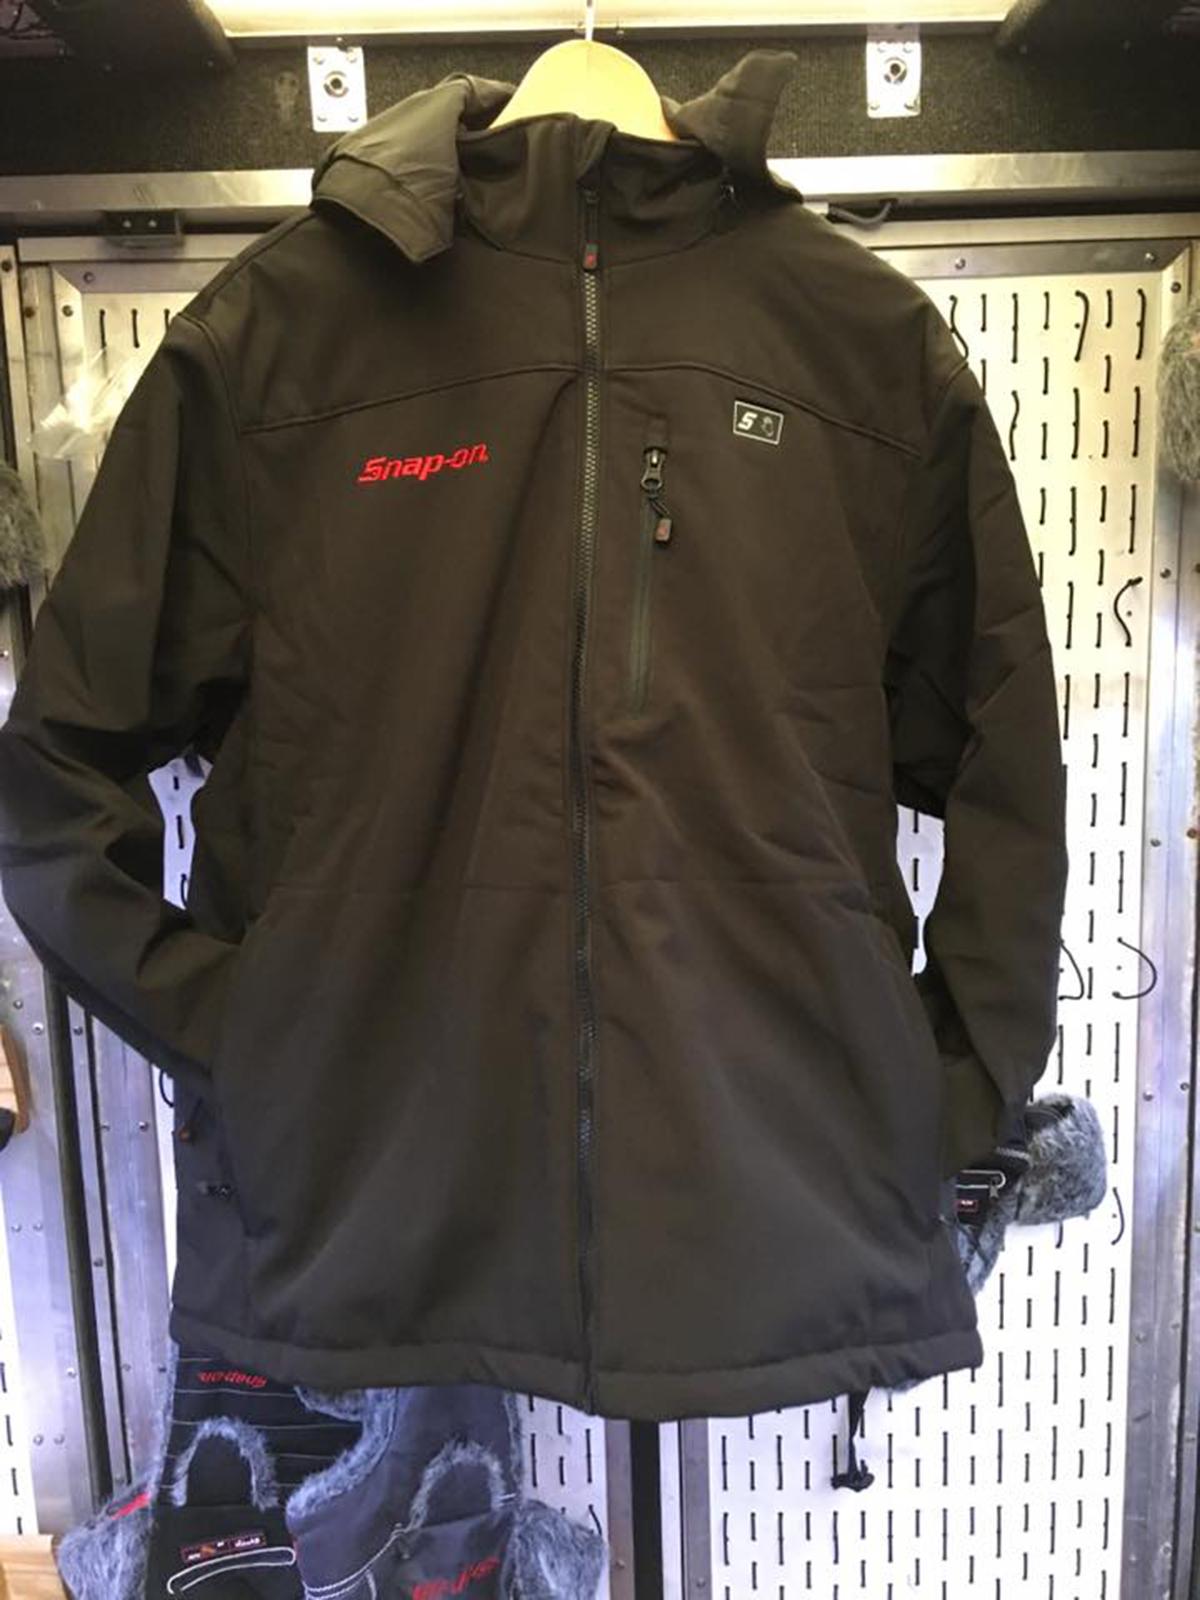 Snap-on, Heated Jacket